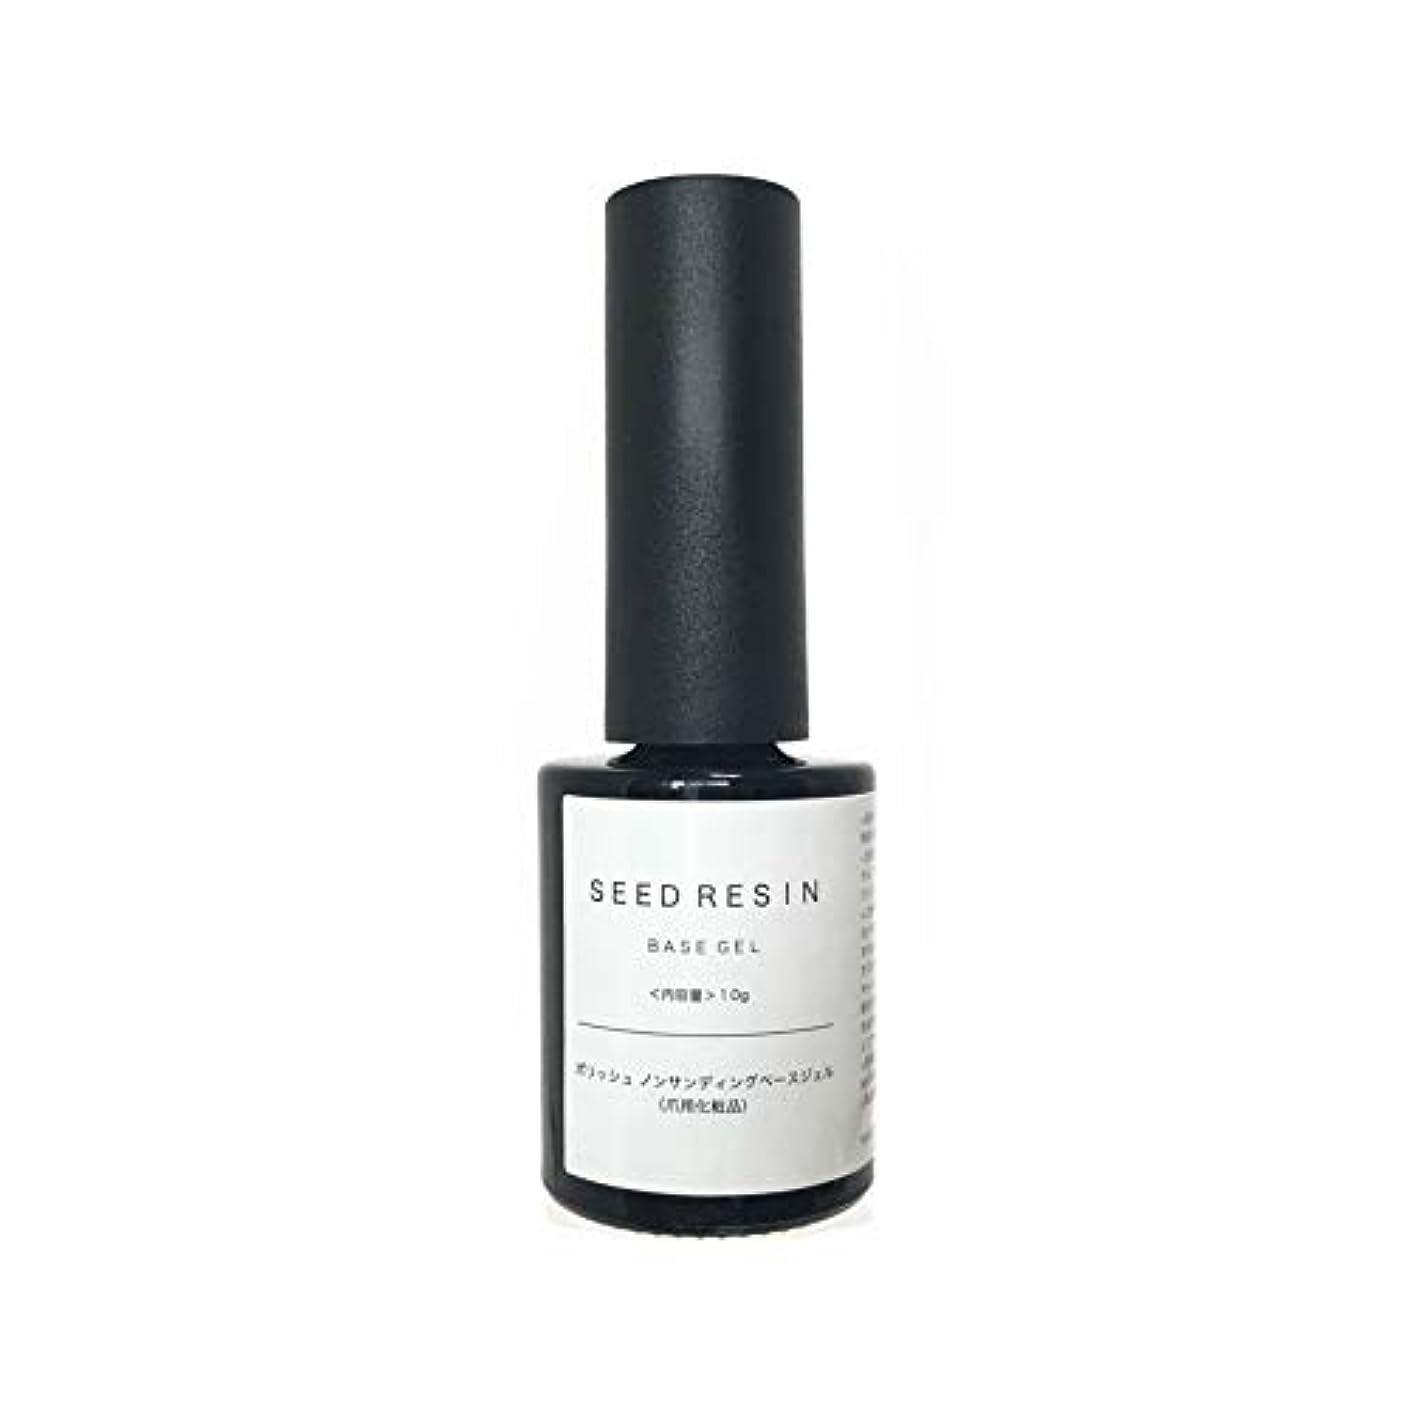 別の解釈シャッターSEED RESIN(シードレジン) ジェルネイル ポリッシュ ノンサンディング ベースジェル 10g 爪用化粧品 日本製